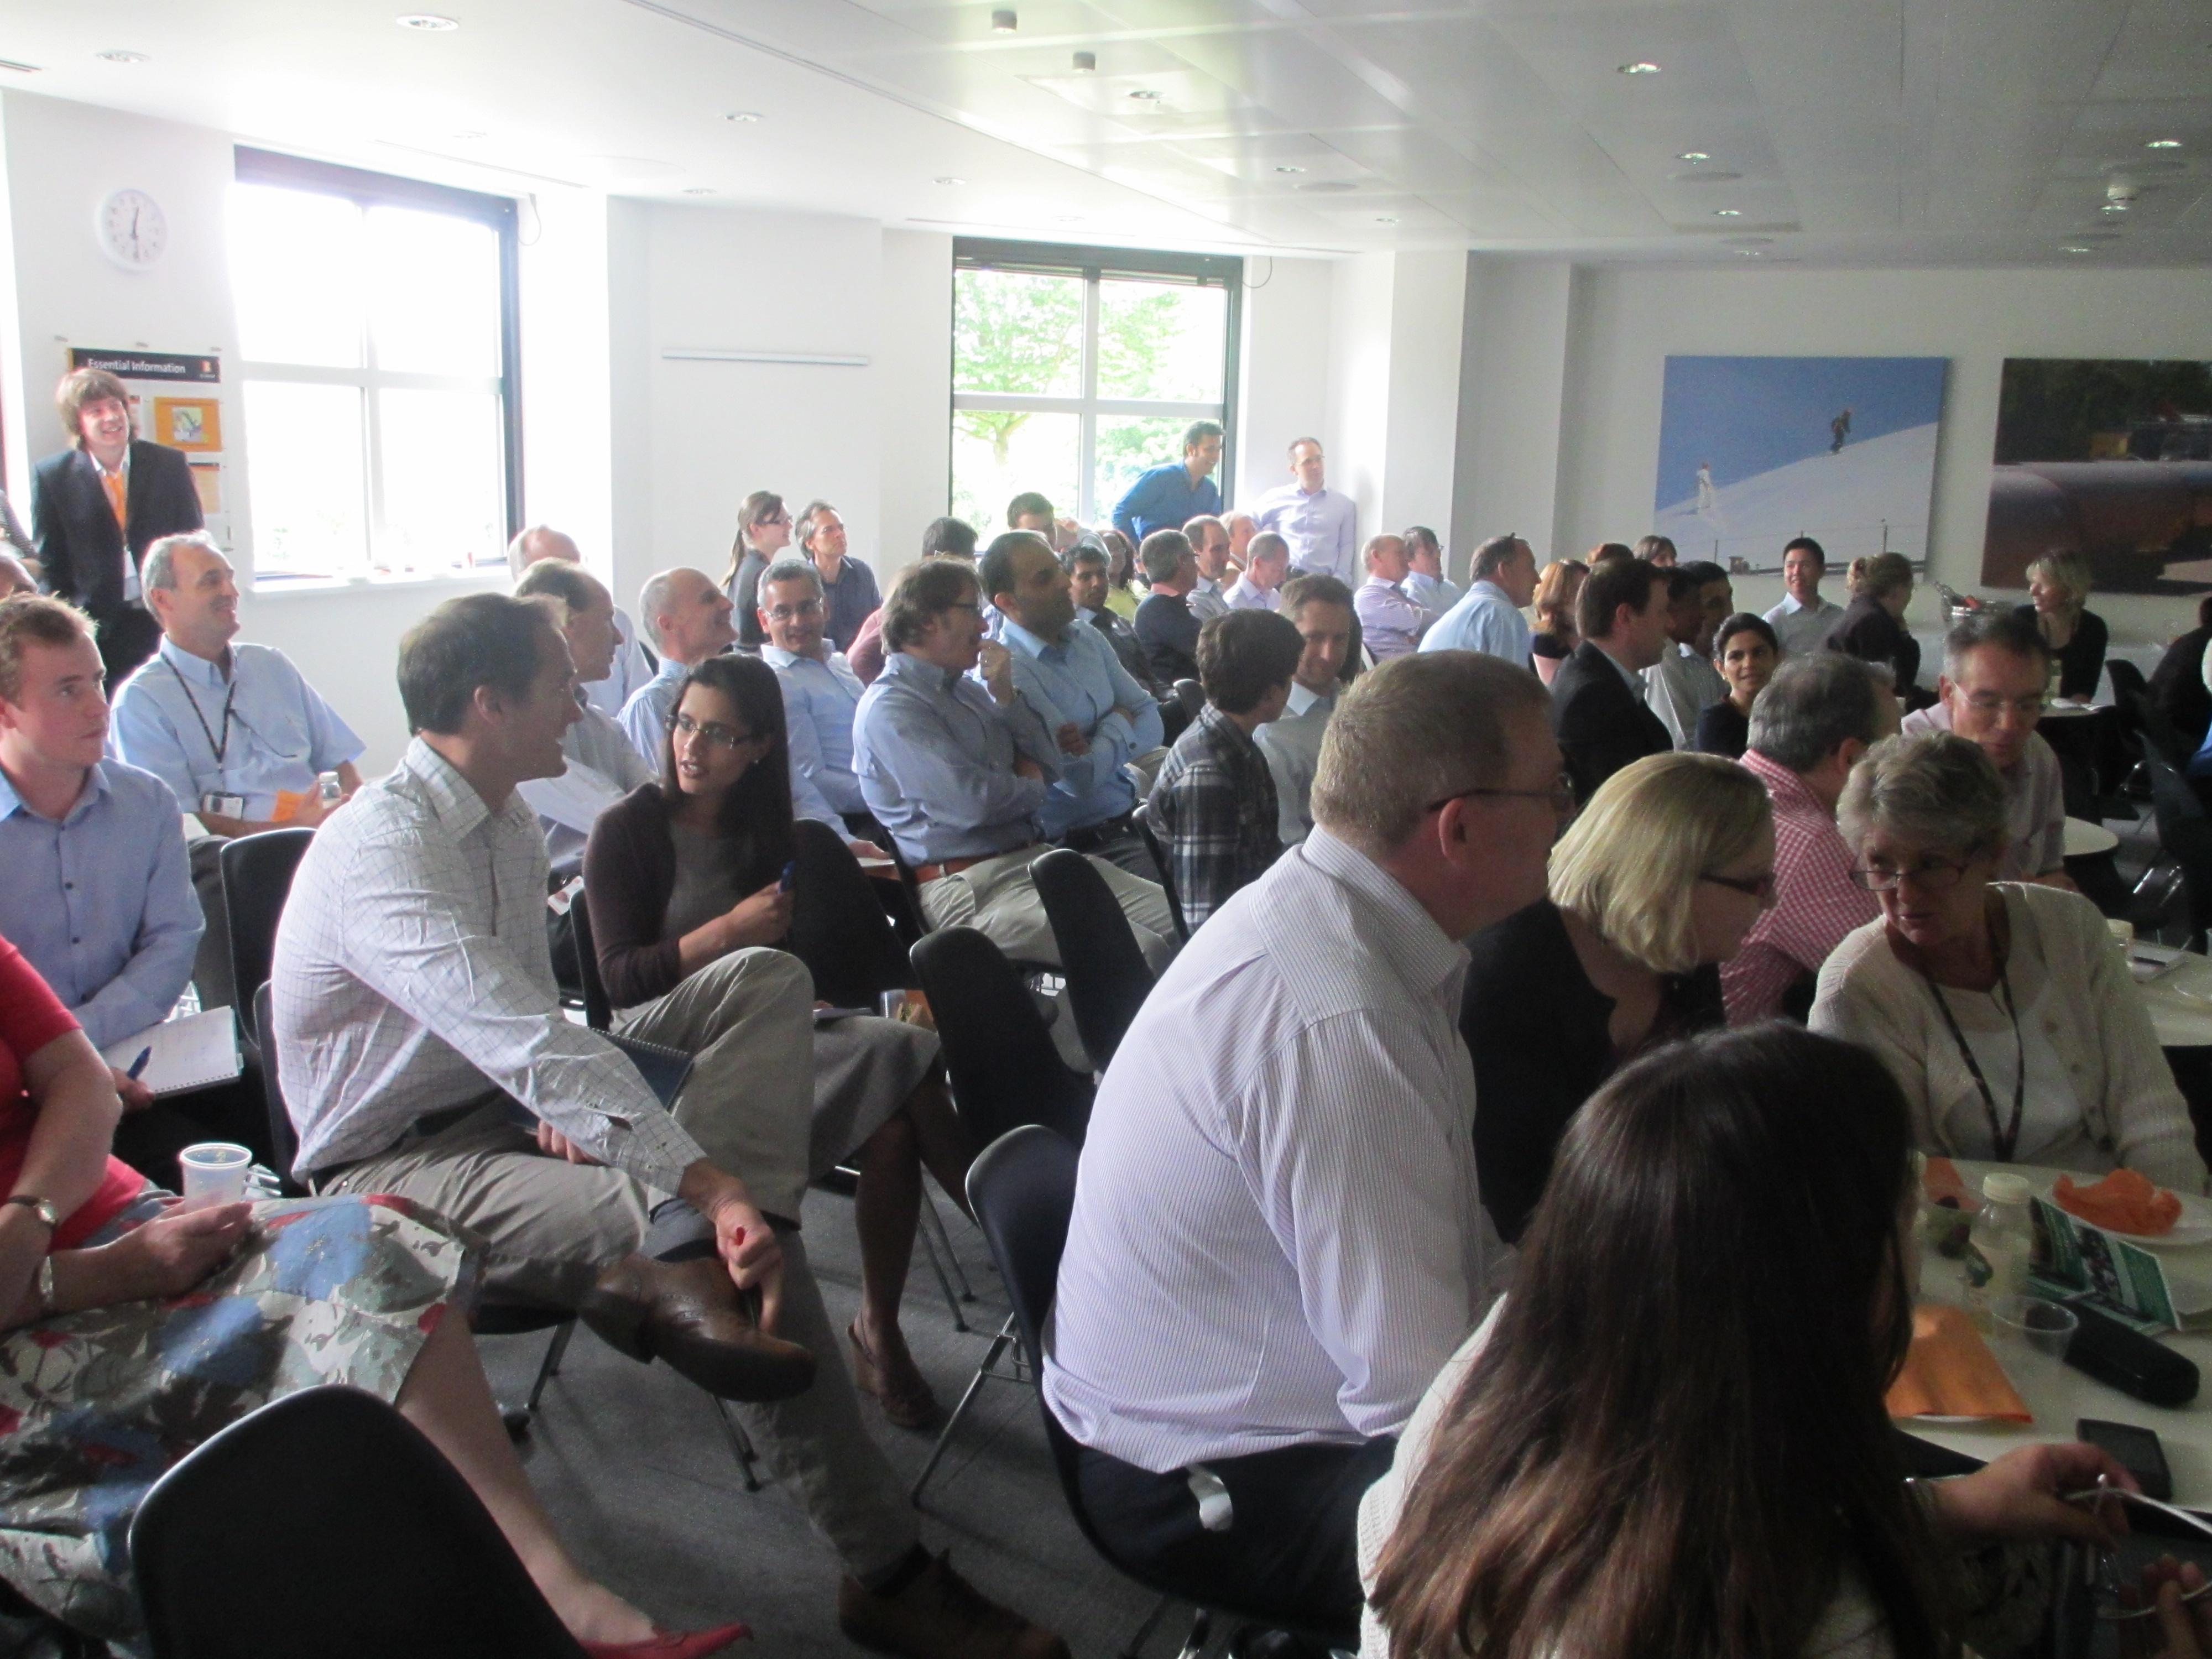 13th Annual Green Economics Institute Conference Oxford June 2018